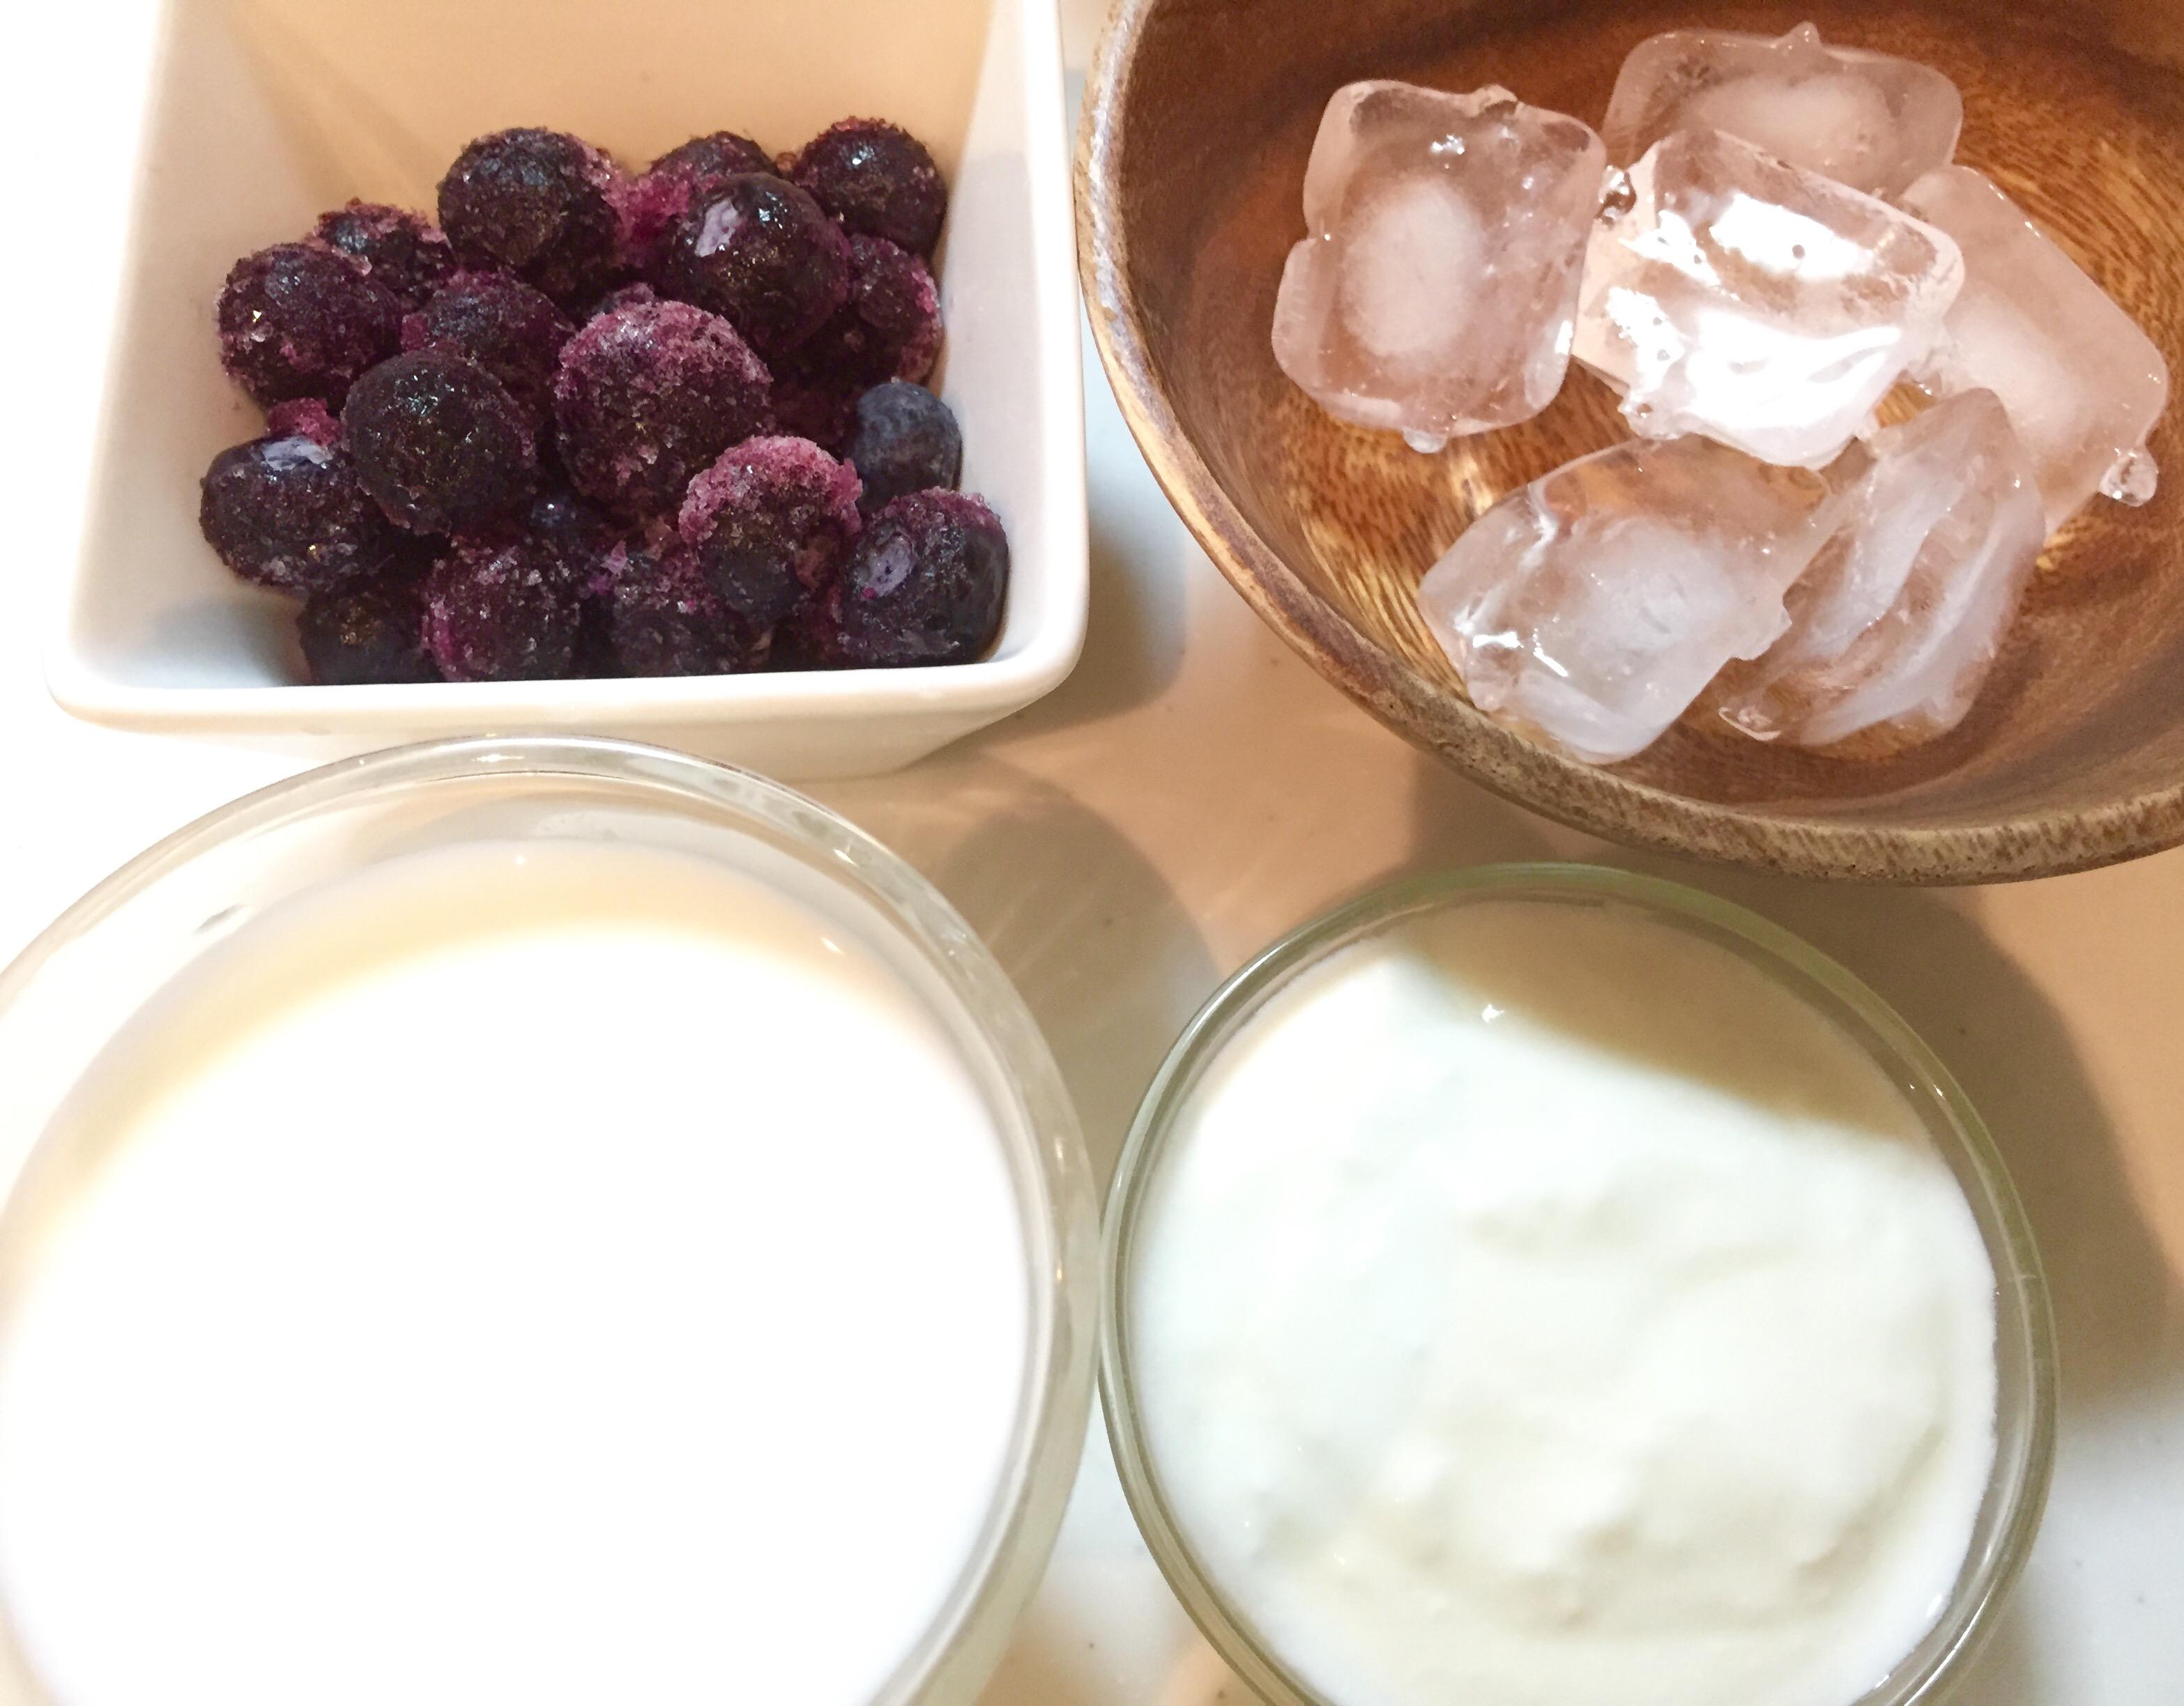 ヨーグルトの酸味とフルーツの甘酸っぱさが牛乳でまろやかになって、ゴクゴク飲めちゃう美味しさ(≧∇≦)「マンゴー&ブルーベリーラッシー」